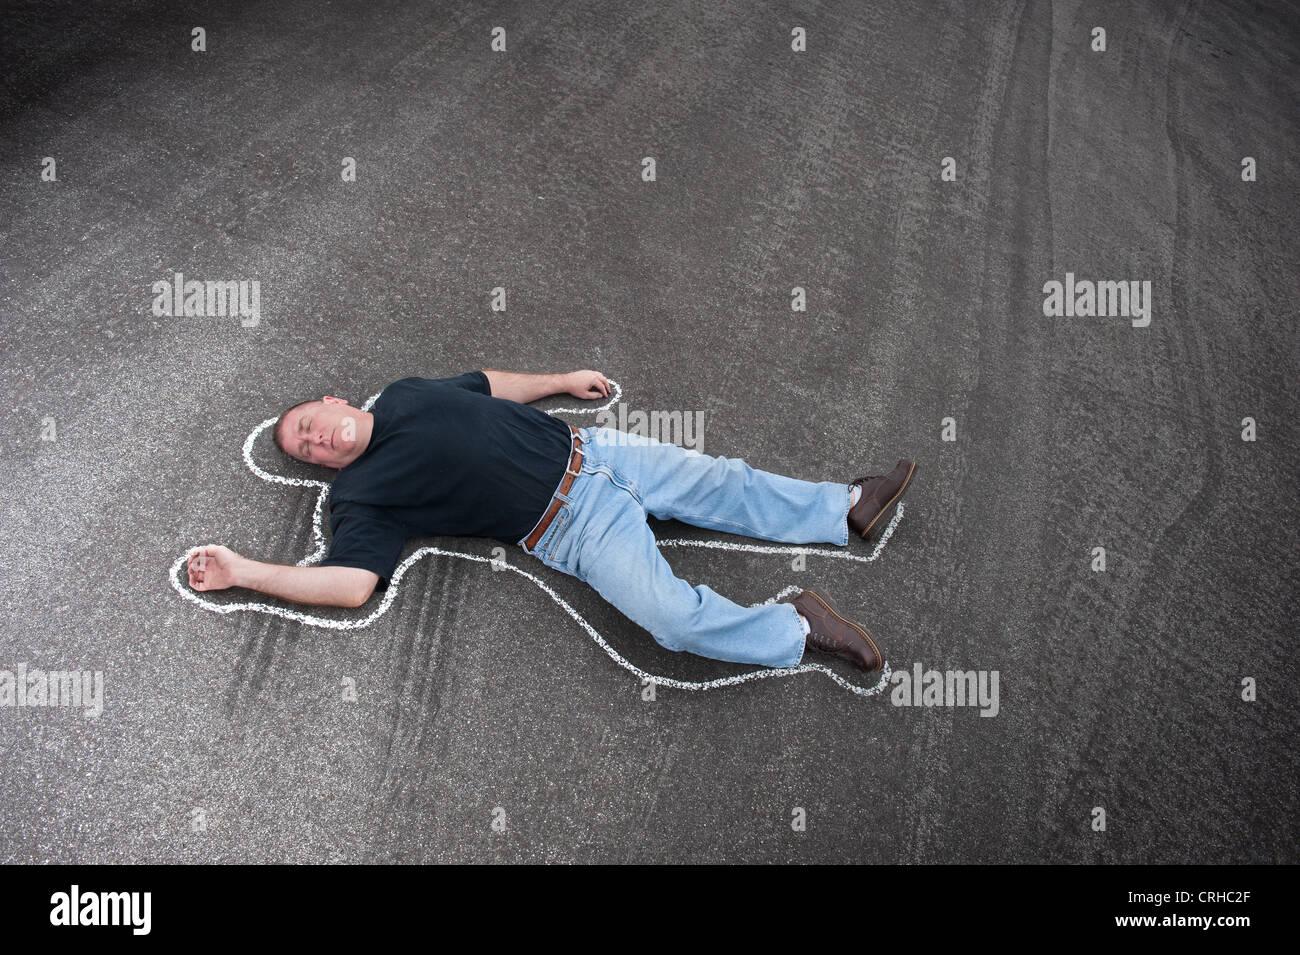 Un homme mort dans la rue indiqué à la craie par les enquêteurs de scène de crime. Photo Stock